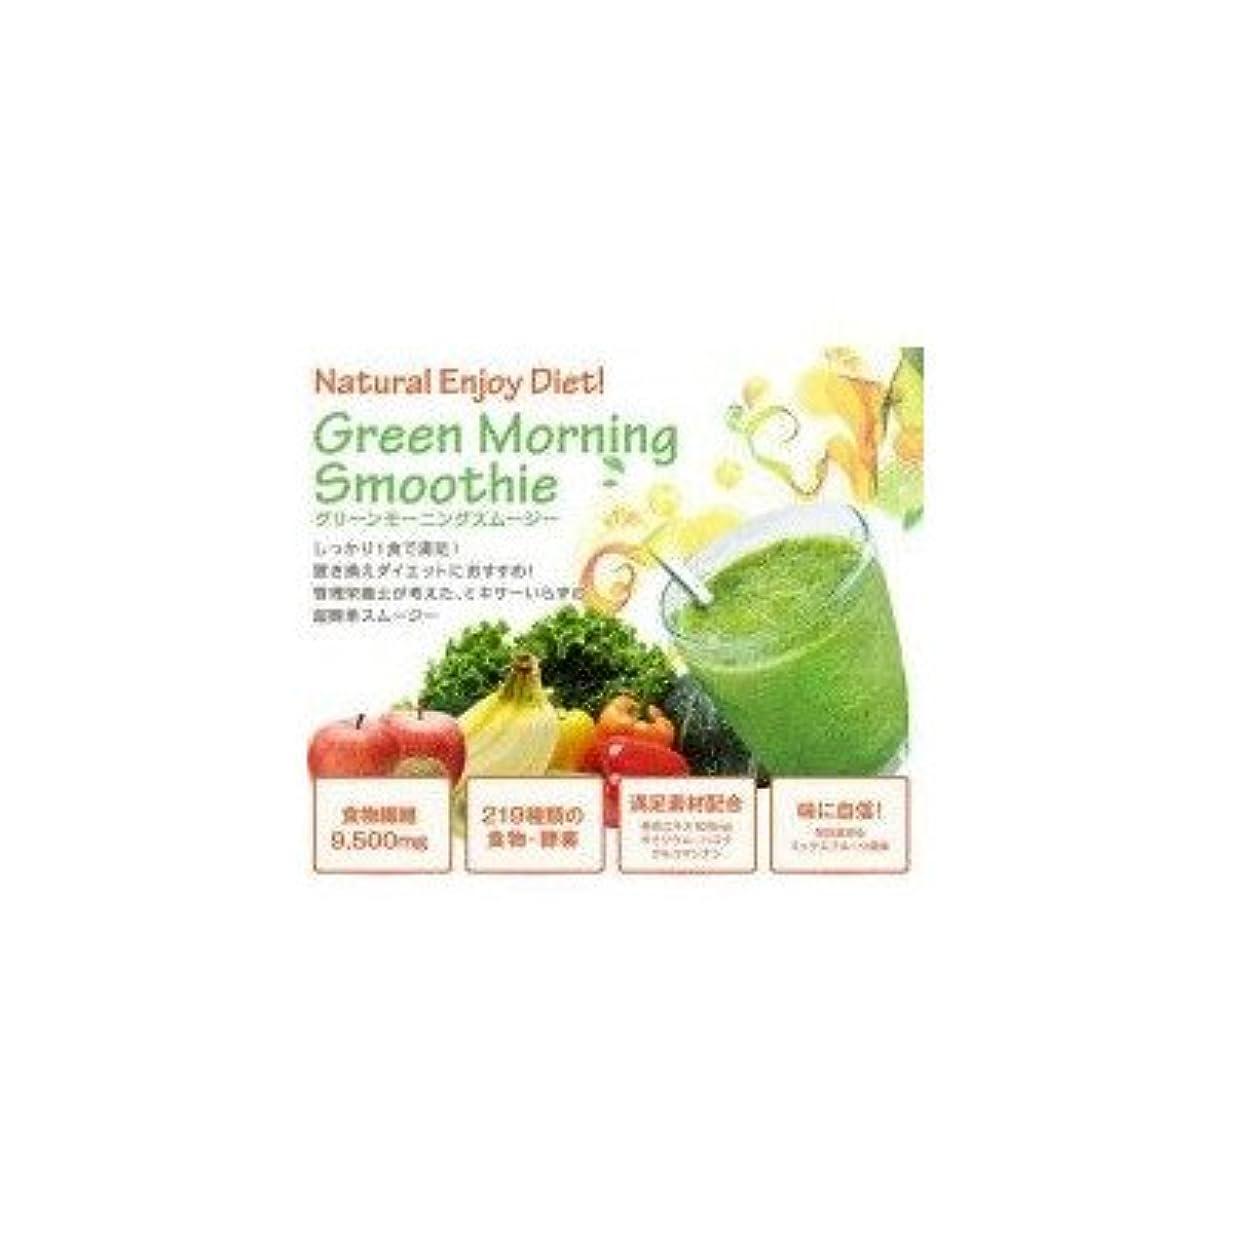 知覚できるエスカレート協力ファイン グリーンモーニングスムージー 20g×5袋